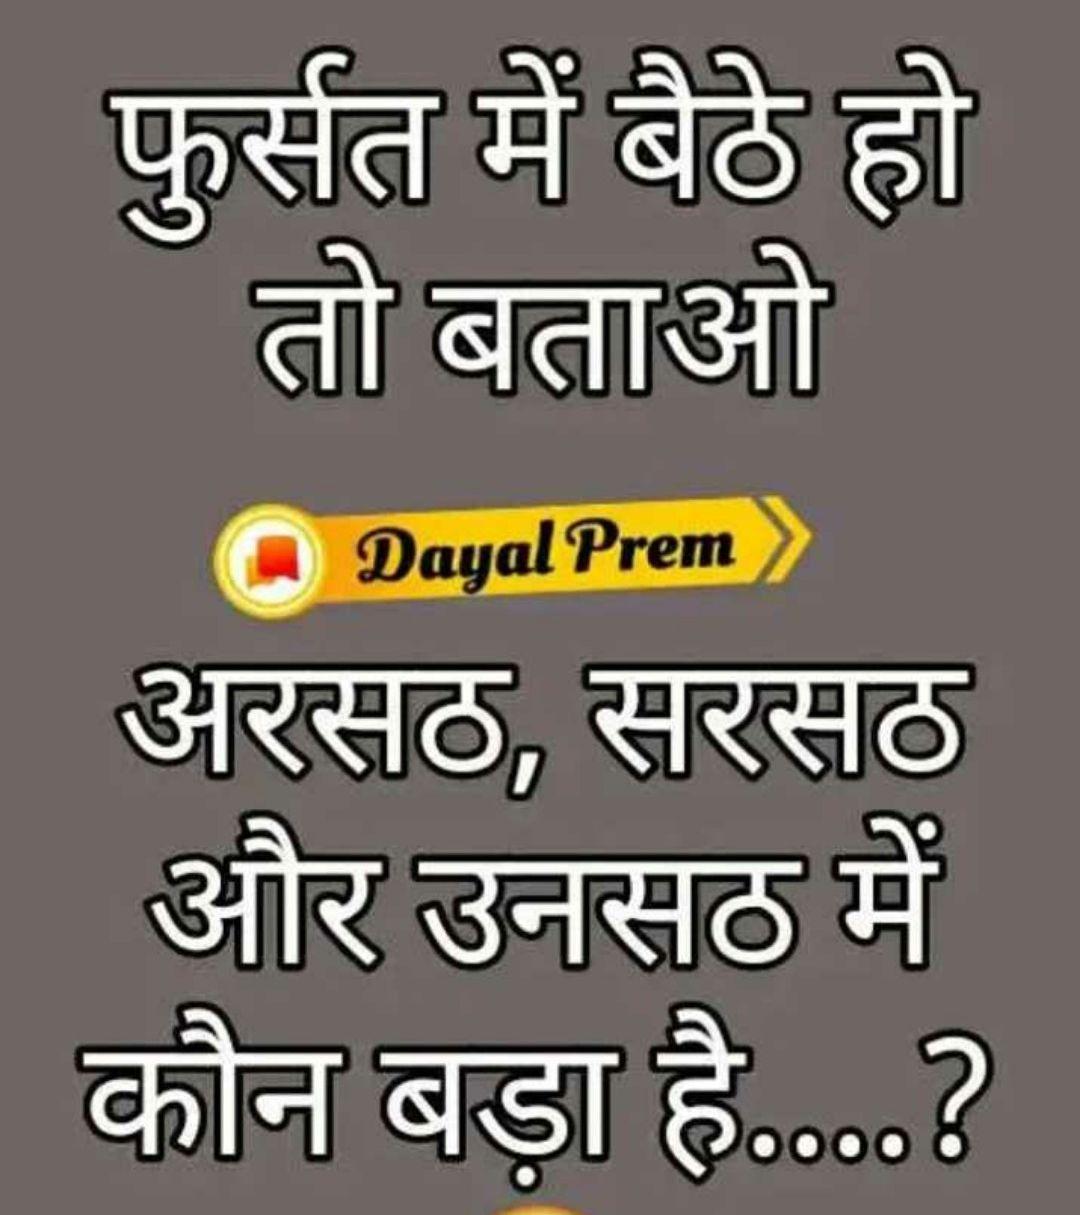 🤘टाइम पास - फुर्सत में बैठे हो तो बताओ O Dayal Prem ) अरसठ , सरसठ और उनसठ में कौन बड़ा है . . . . ? - ShareChat